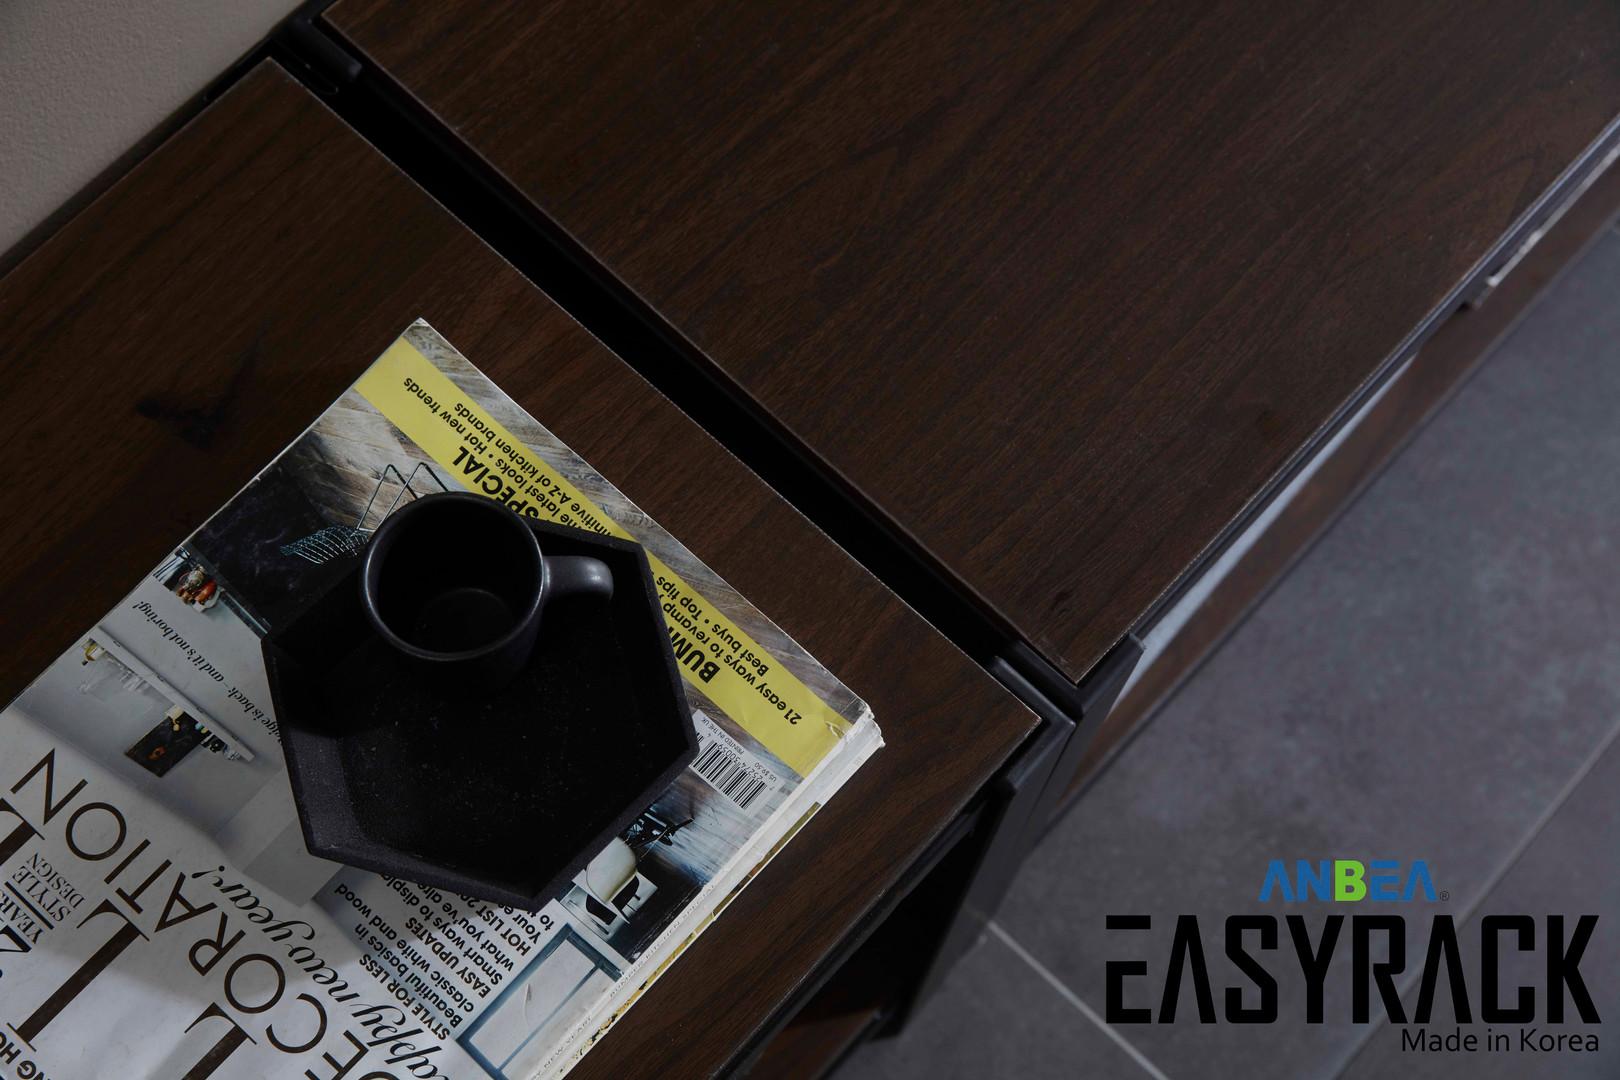 EASYRACK_10S.jpg